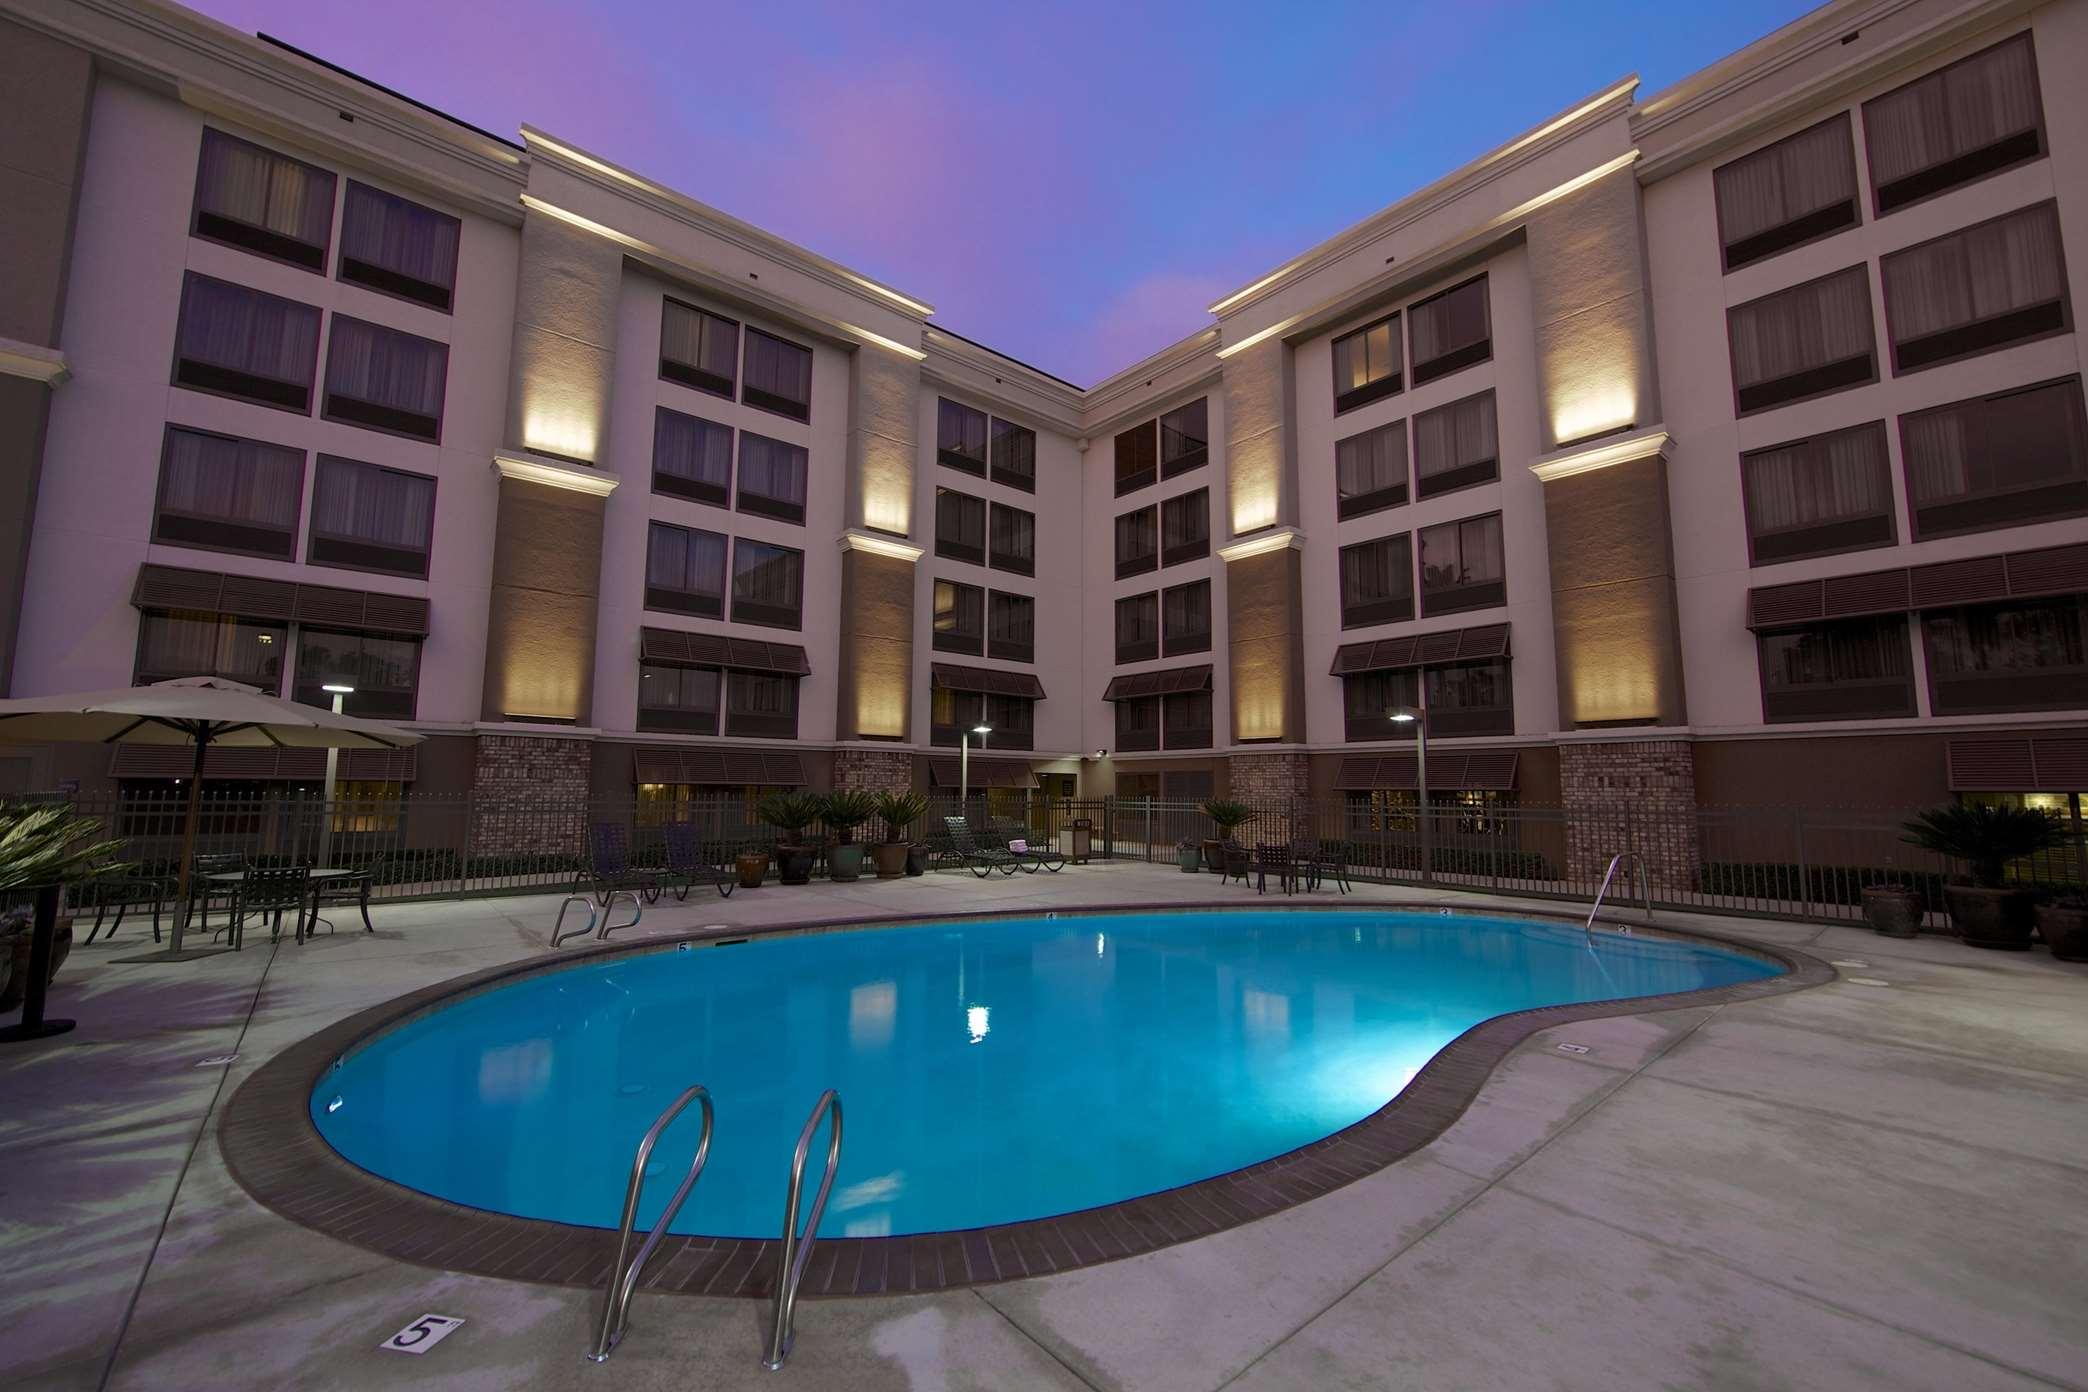 Hampton Inn - Kearny Mesa